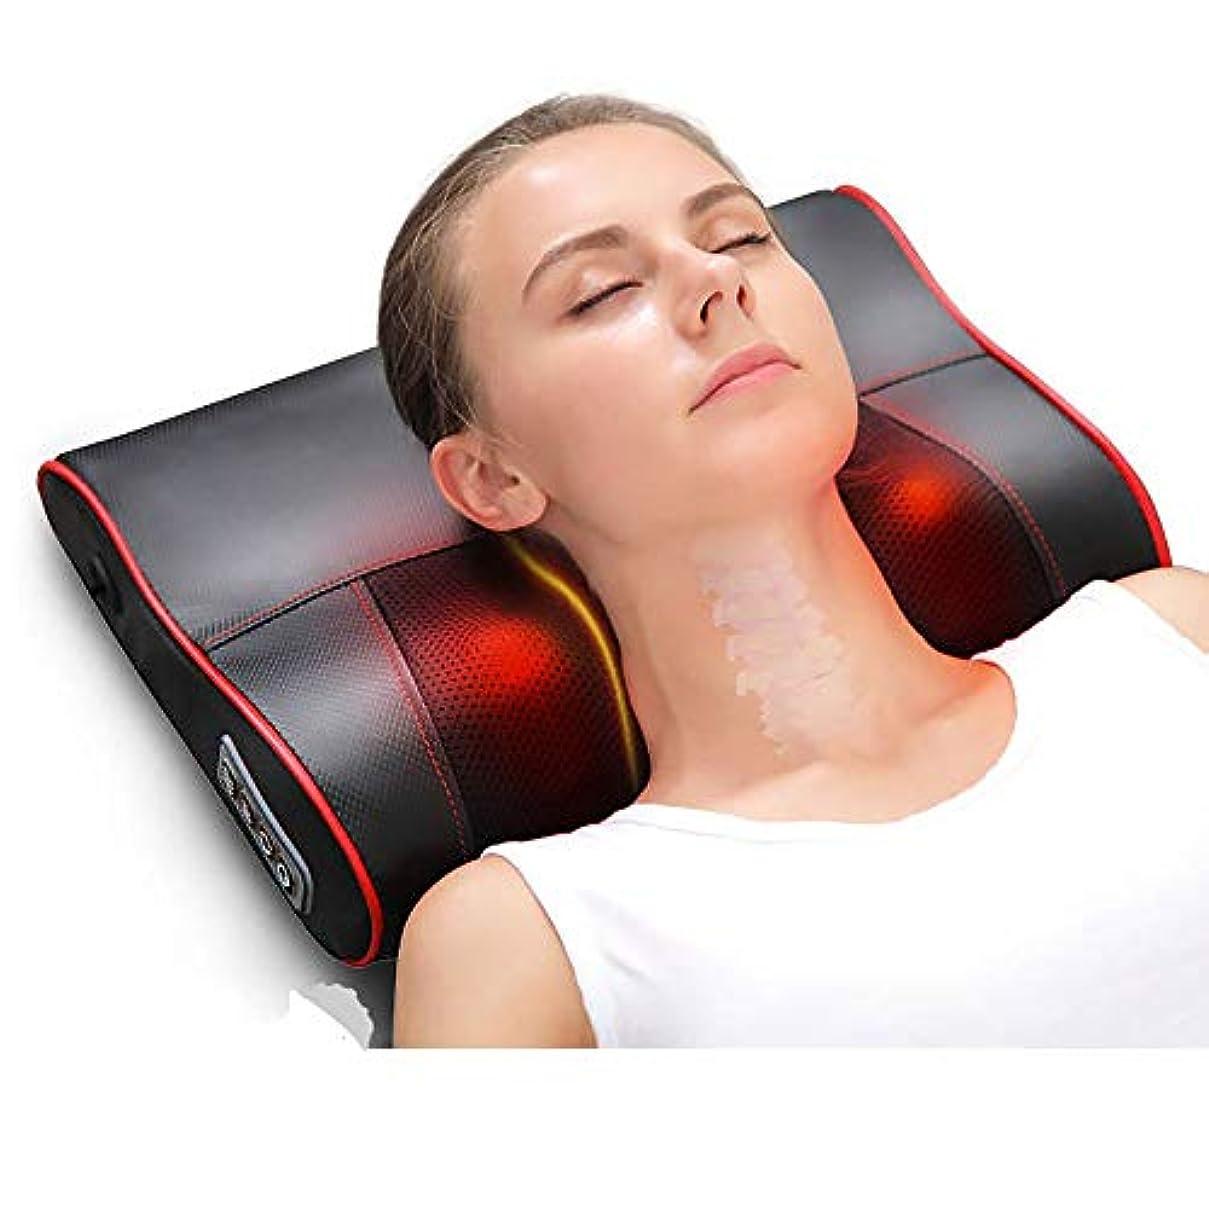 高揚した意味のある同一の首のマッサージの枕、多機能の電気マッサージャーの首のマッサージャーの背部首のマッサージの枕クッションのための背部ふくらはぎの足のフィートの暖房家/オフィス